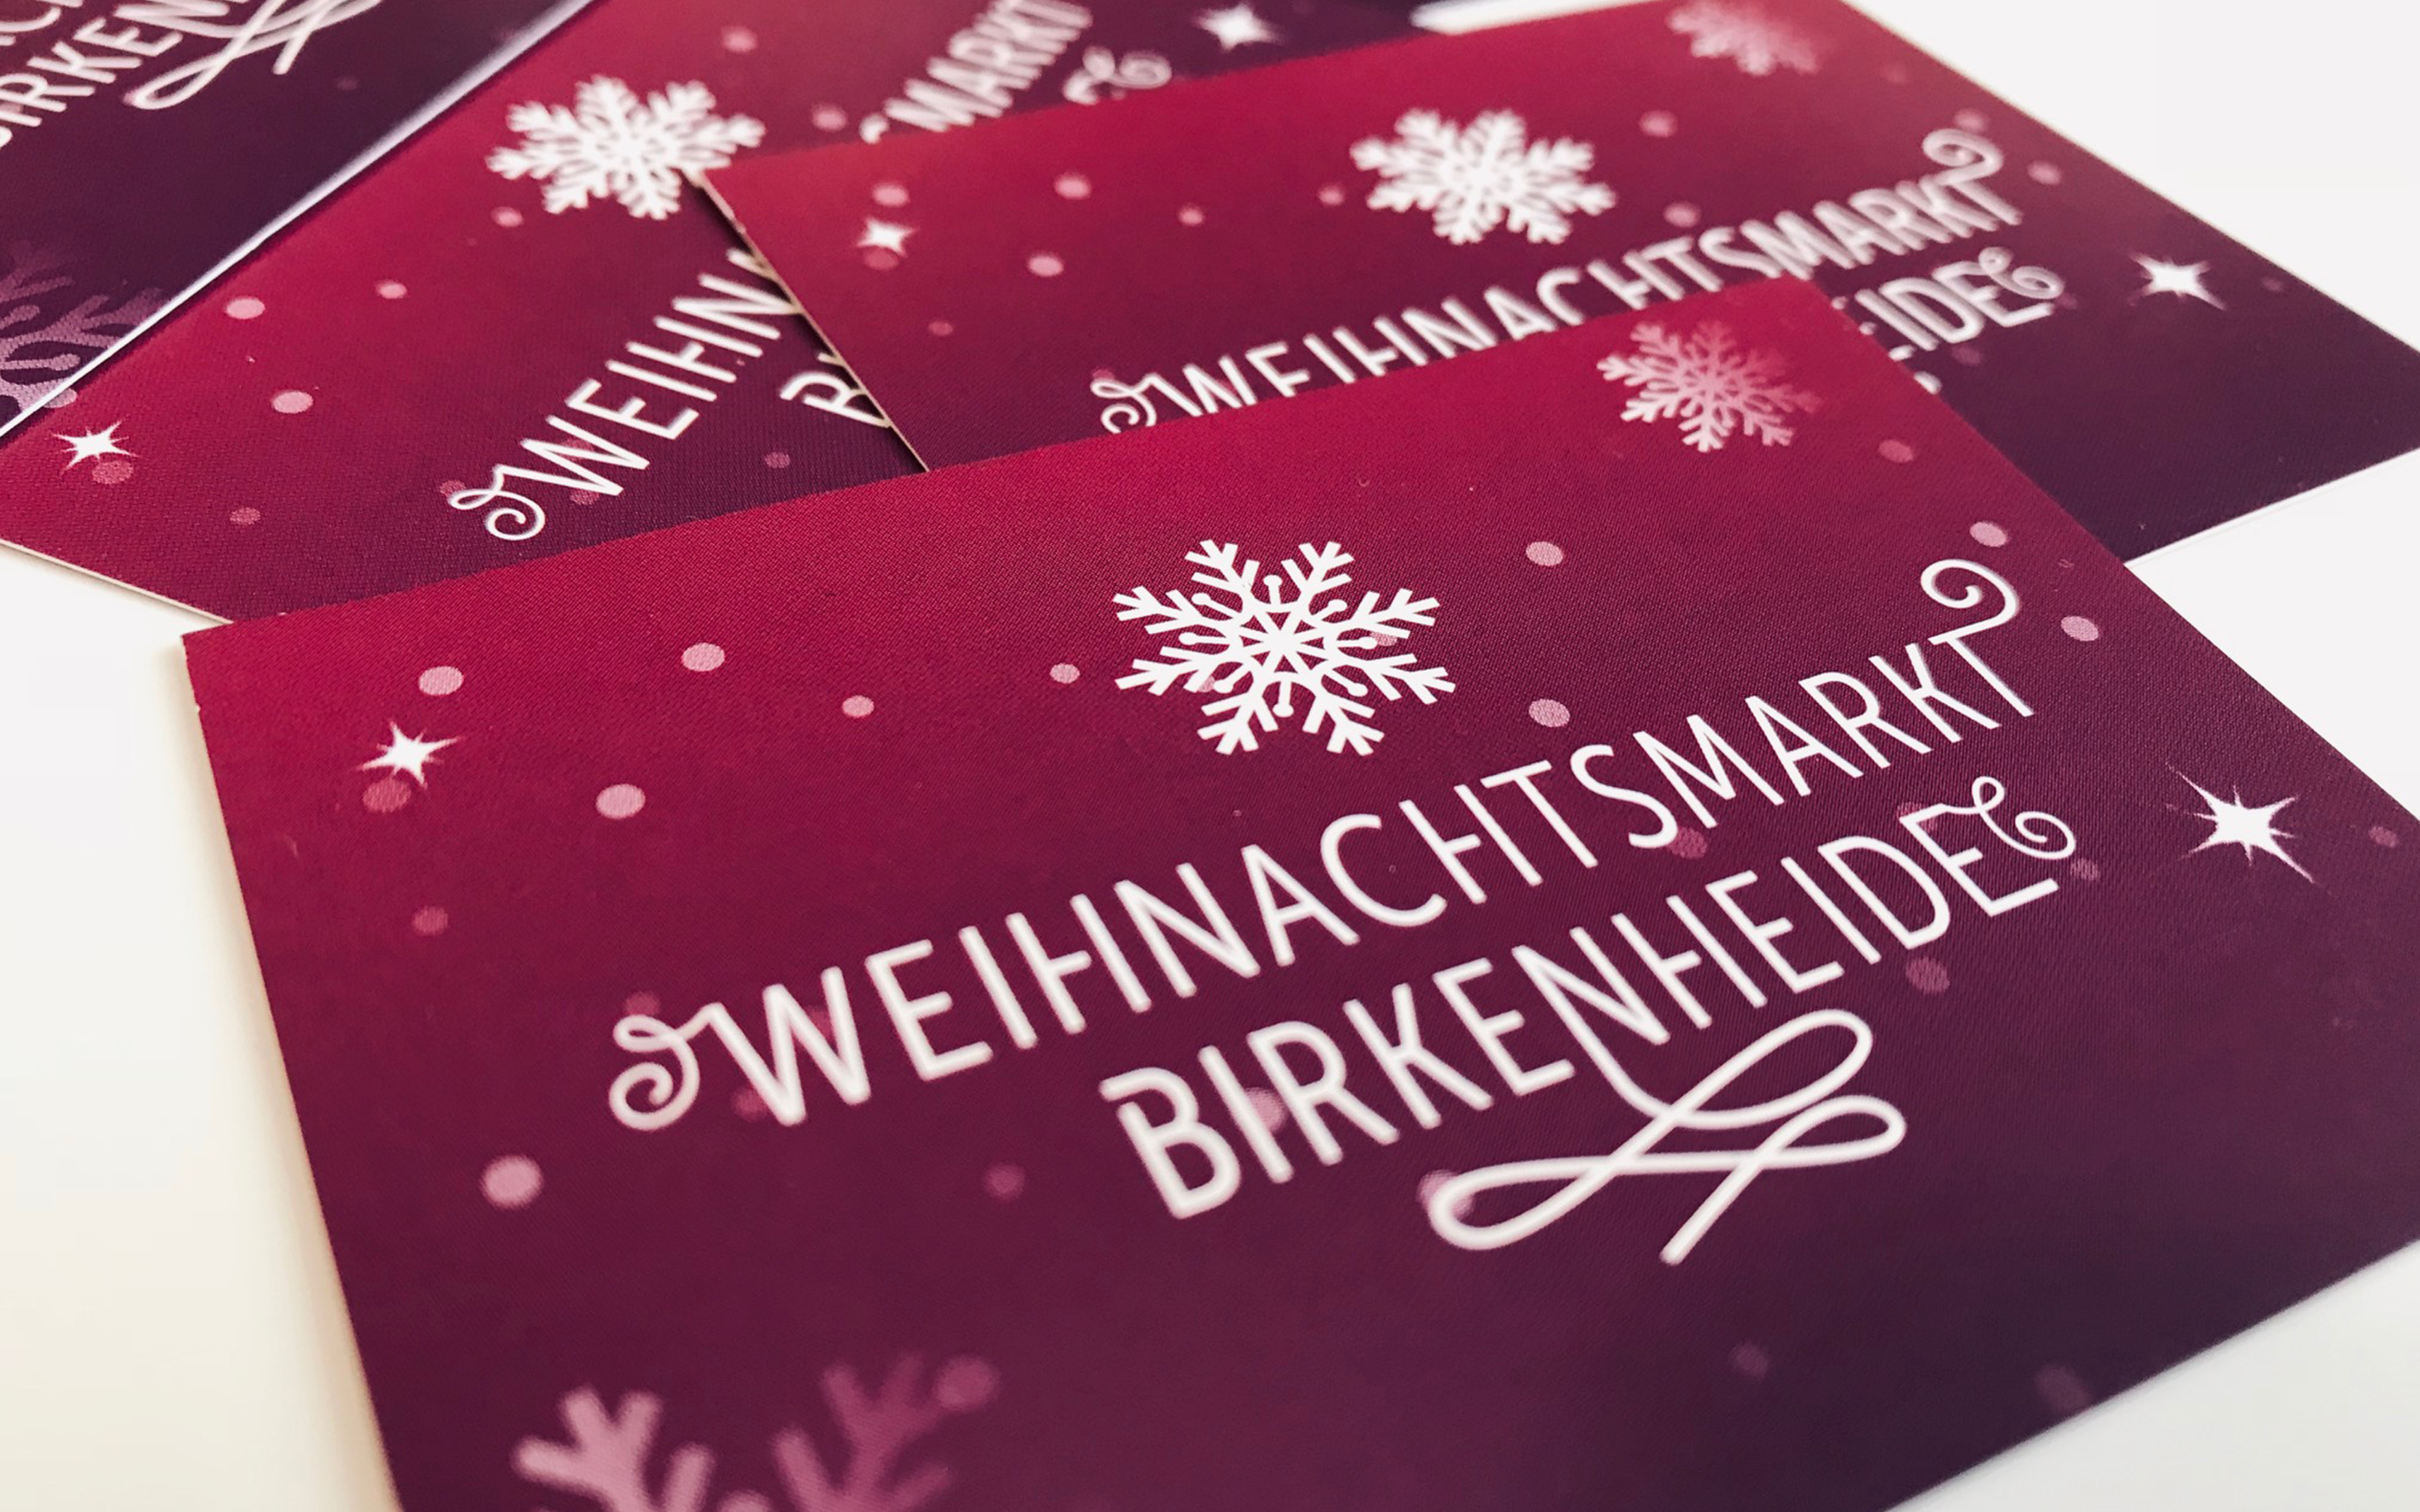 Birkenheide Weihnachtsmarkt Corporate Design